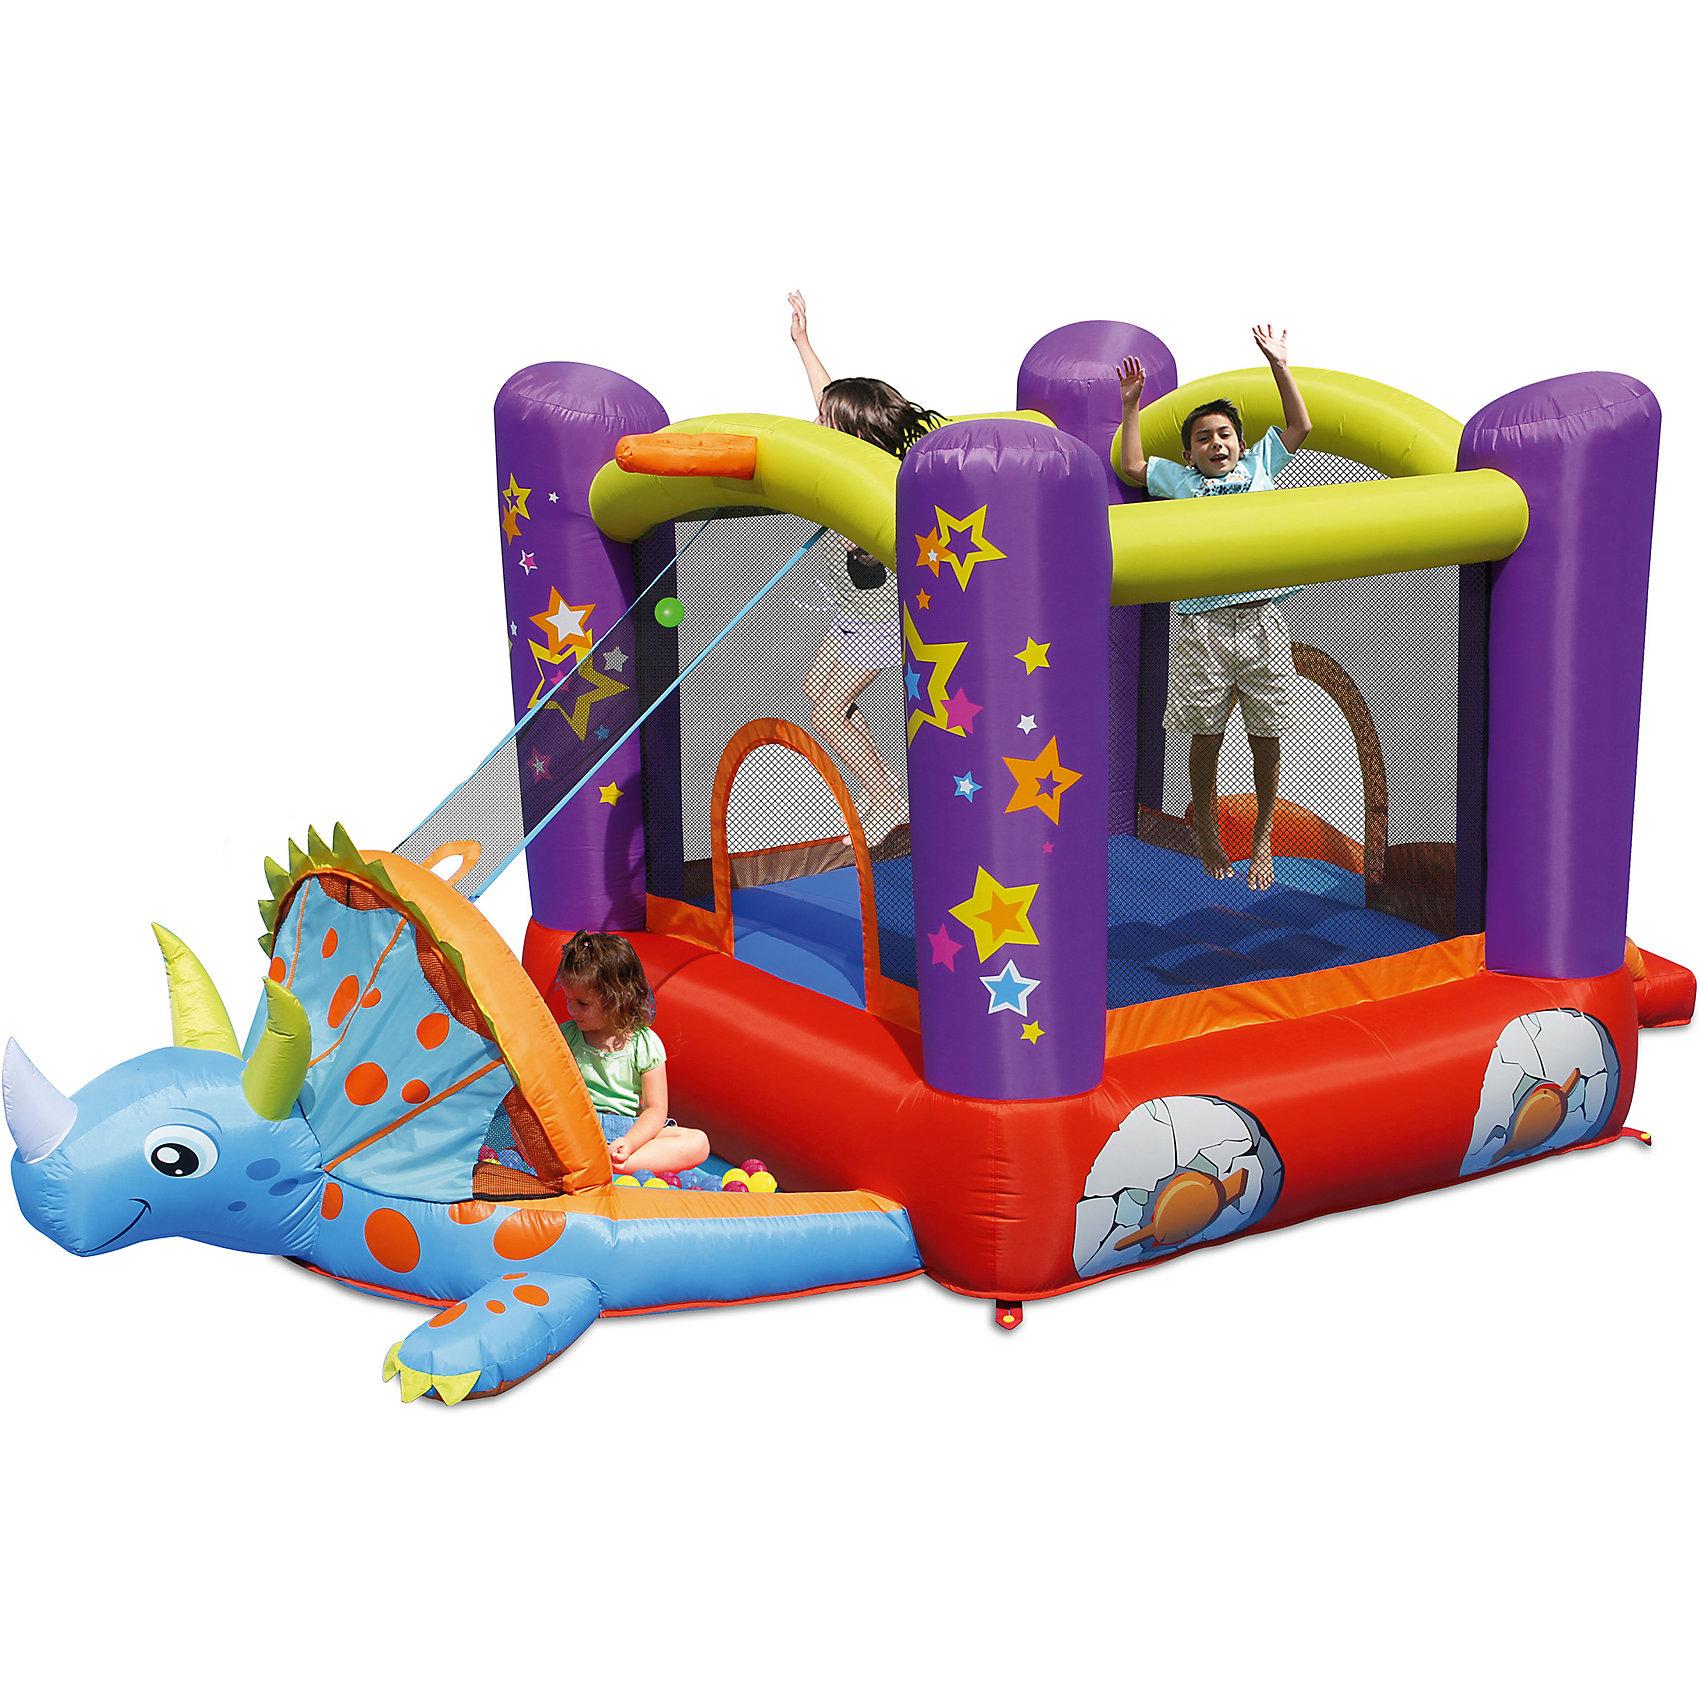 Надувной батут с горкой Динозаврик, Happy HopБатуты<br>Характеристики:<br><br>• возраст ребенка: от 3 до 10 лет;<br>• рост ребенка: 90-150 см;<br>• вес одного ребенка: до 45 кг;<br>• количество играющих одновременно детей: 3;<br>• максимальный вес: 113 кг (при этом вес каждого ребенка не должен превышать 45 кг, если играют двое детей и 38 кг, если играют трое детей).<br><br>Размеры:<br><br>• размер игрового комплекса: 450х220х180 см;<br>• размер батута: 195х220 см;<br>• высота основания батута: 41 см;<br>• высота прыжковой поверхности: 155х165 см;<br>• размер горки: 80х85 см;<br>• высота площадки горки: 41 см;<br>• ширина скользящей поверхности: 55 см;<br>• высота защитной сетки-ограждения: 110 см;<br>• прочность батута на растяжение: до 136 кг;<br>• прочность на разрыв: до 14 кг;<br>• прочность на соединение: до 27 кг;<br>• диапазон температур для батута: от -10 до +40 градусов;<br>• диапазон температур для насоса: от -15 до +40 градусов;<br>• размер упаковки: 38х38х53 см;<br>• вес в упаковке: 13,5 кг.<br><br>Дополнительная информация:<br><br>• материал: ламинированный ПВХ, ламинированная ткань Оксфорд;<br>• плотность: ПВХ 360 г/м2, ткани Оксфорд 215 г/м2;<br>• материал застежек: лавсан;<br>• крепеж к земле: пластик;<br>• технология изготовления продукции: машинное сшивание путем соединения тканей ПВХ и Оксфорд.<br><br>Меры предосторожности:<br><br>• использование: установка на открытом воздухе;<br>• только для бытового применения;<br>• при установке батута, изделие обязательно следует крепить пластиковыми кольями к земле.<br><br>Рекомендации от производителя: в течение всего времени использования продукции HAPPY HOP необходимо поддерживать подачу воздуха и обеспечивать непрерывную работу насоса. <br><br>Надувной батут с горкой Динозаврик, Happy Hop можно купить в нашем интернет-магазине.<br><br>Ширина мм: 700<br>Глубина мм: 320<br>Высота мм: 370<br>Вес г: 17000<br>Возраст от месяцев: 36<br>Возраст до месяцев: 120<br>Пол: Унисекс<br>Возраст: Детский<br>SKU: 5530649